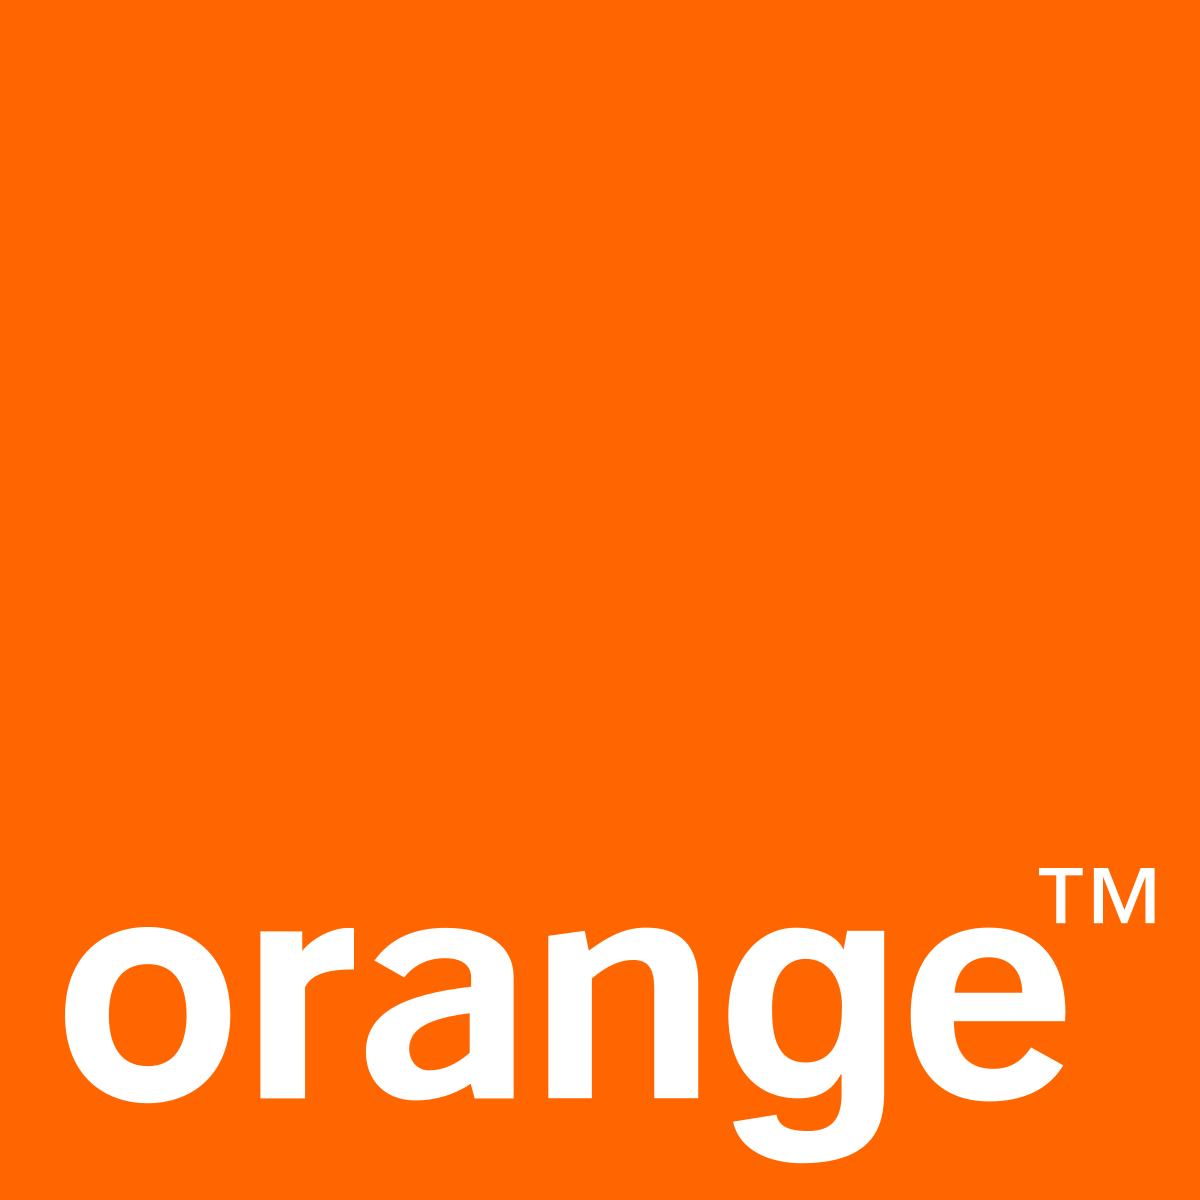 1200px-Orange_logo.png